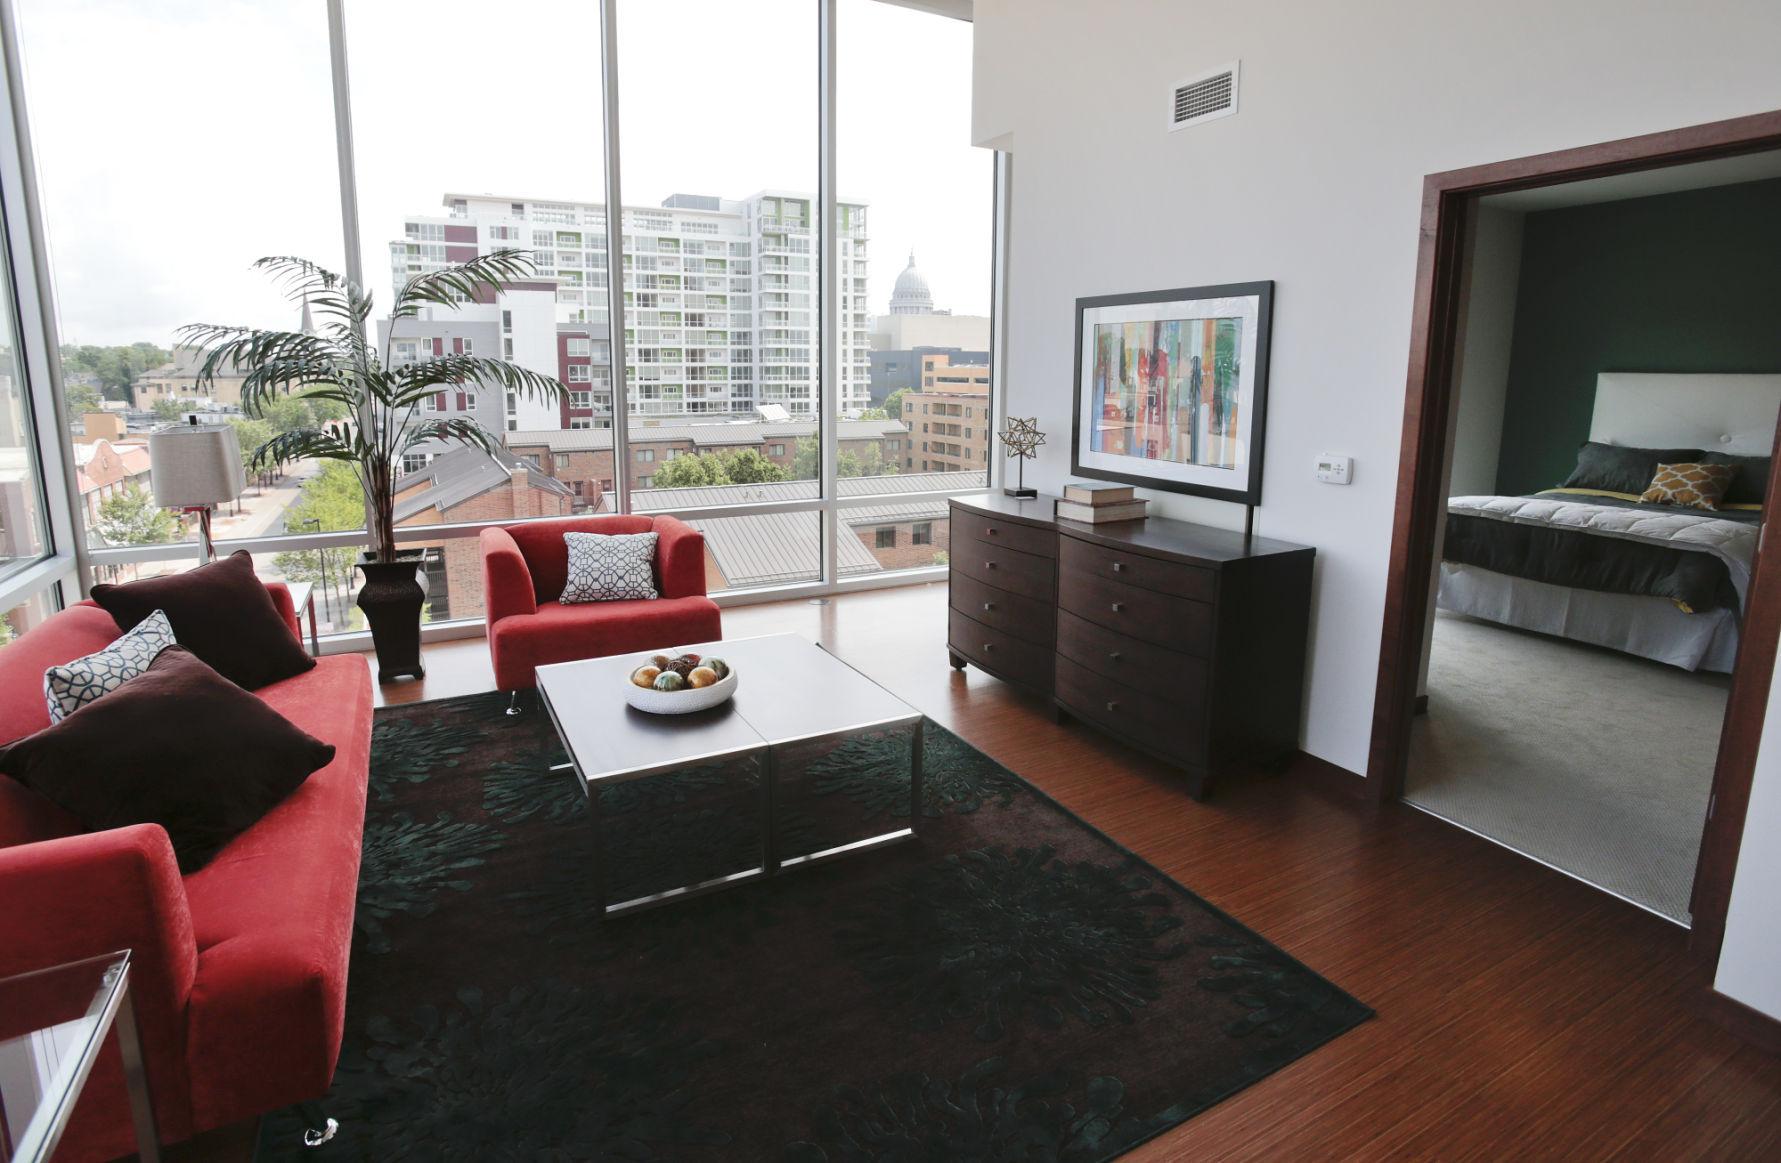 Elegant Model Apartment Image